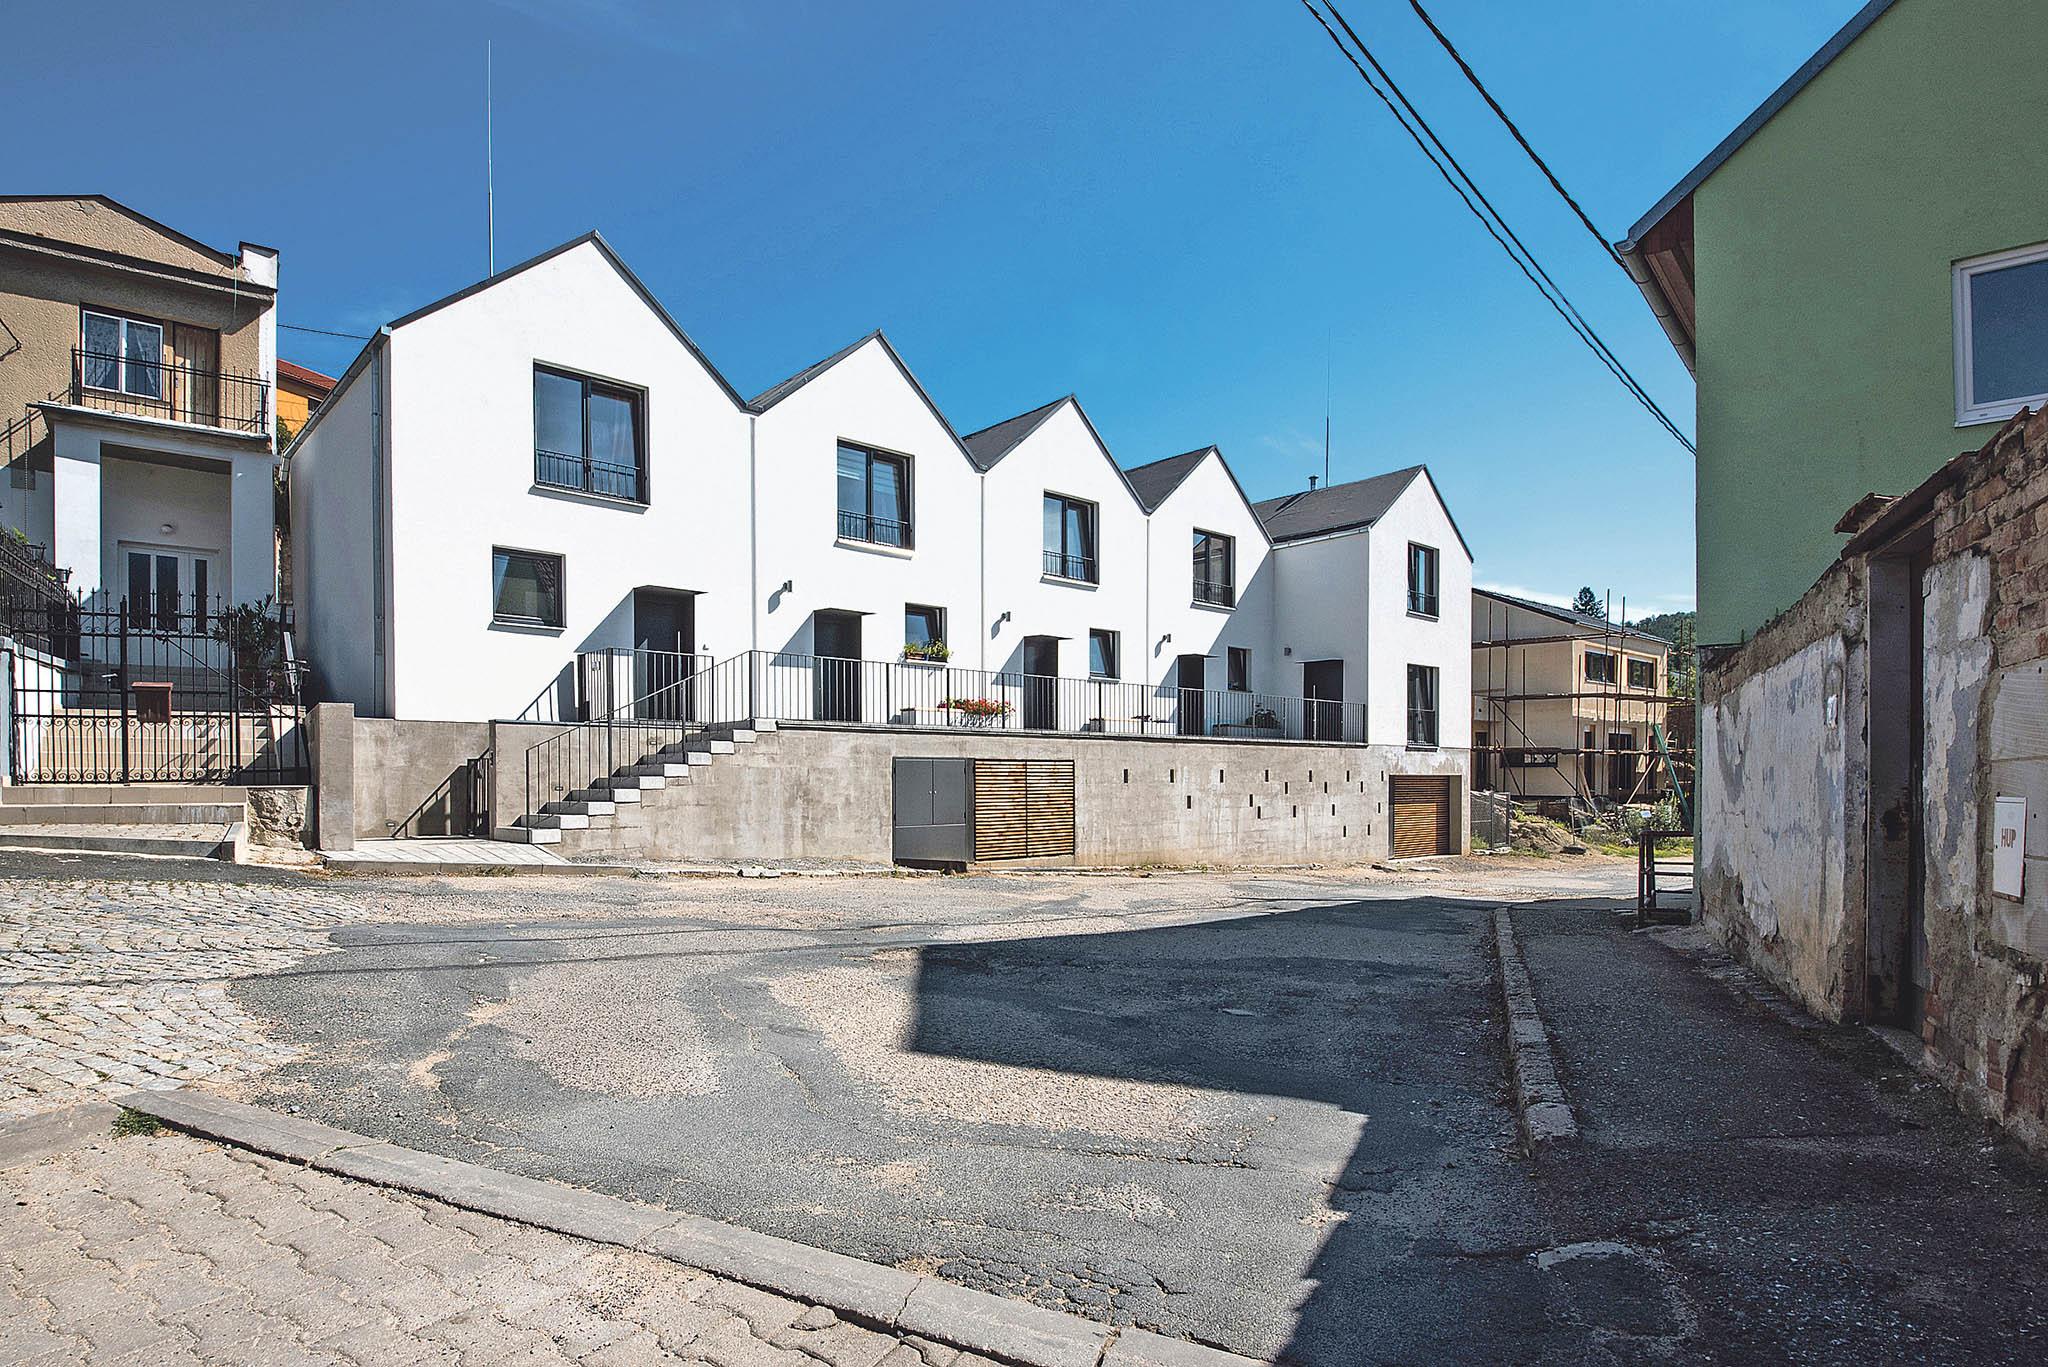 VBílovicích nad Svitavou architekti nechtěli vybudovat bytovku, rozhodli se pro jednotlivé domy naspolečné podnoži. Nejde tak onabubřelý monoblok.